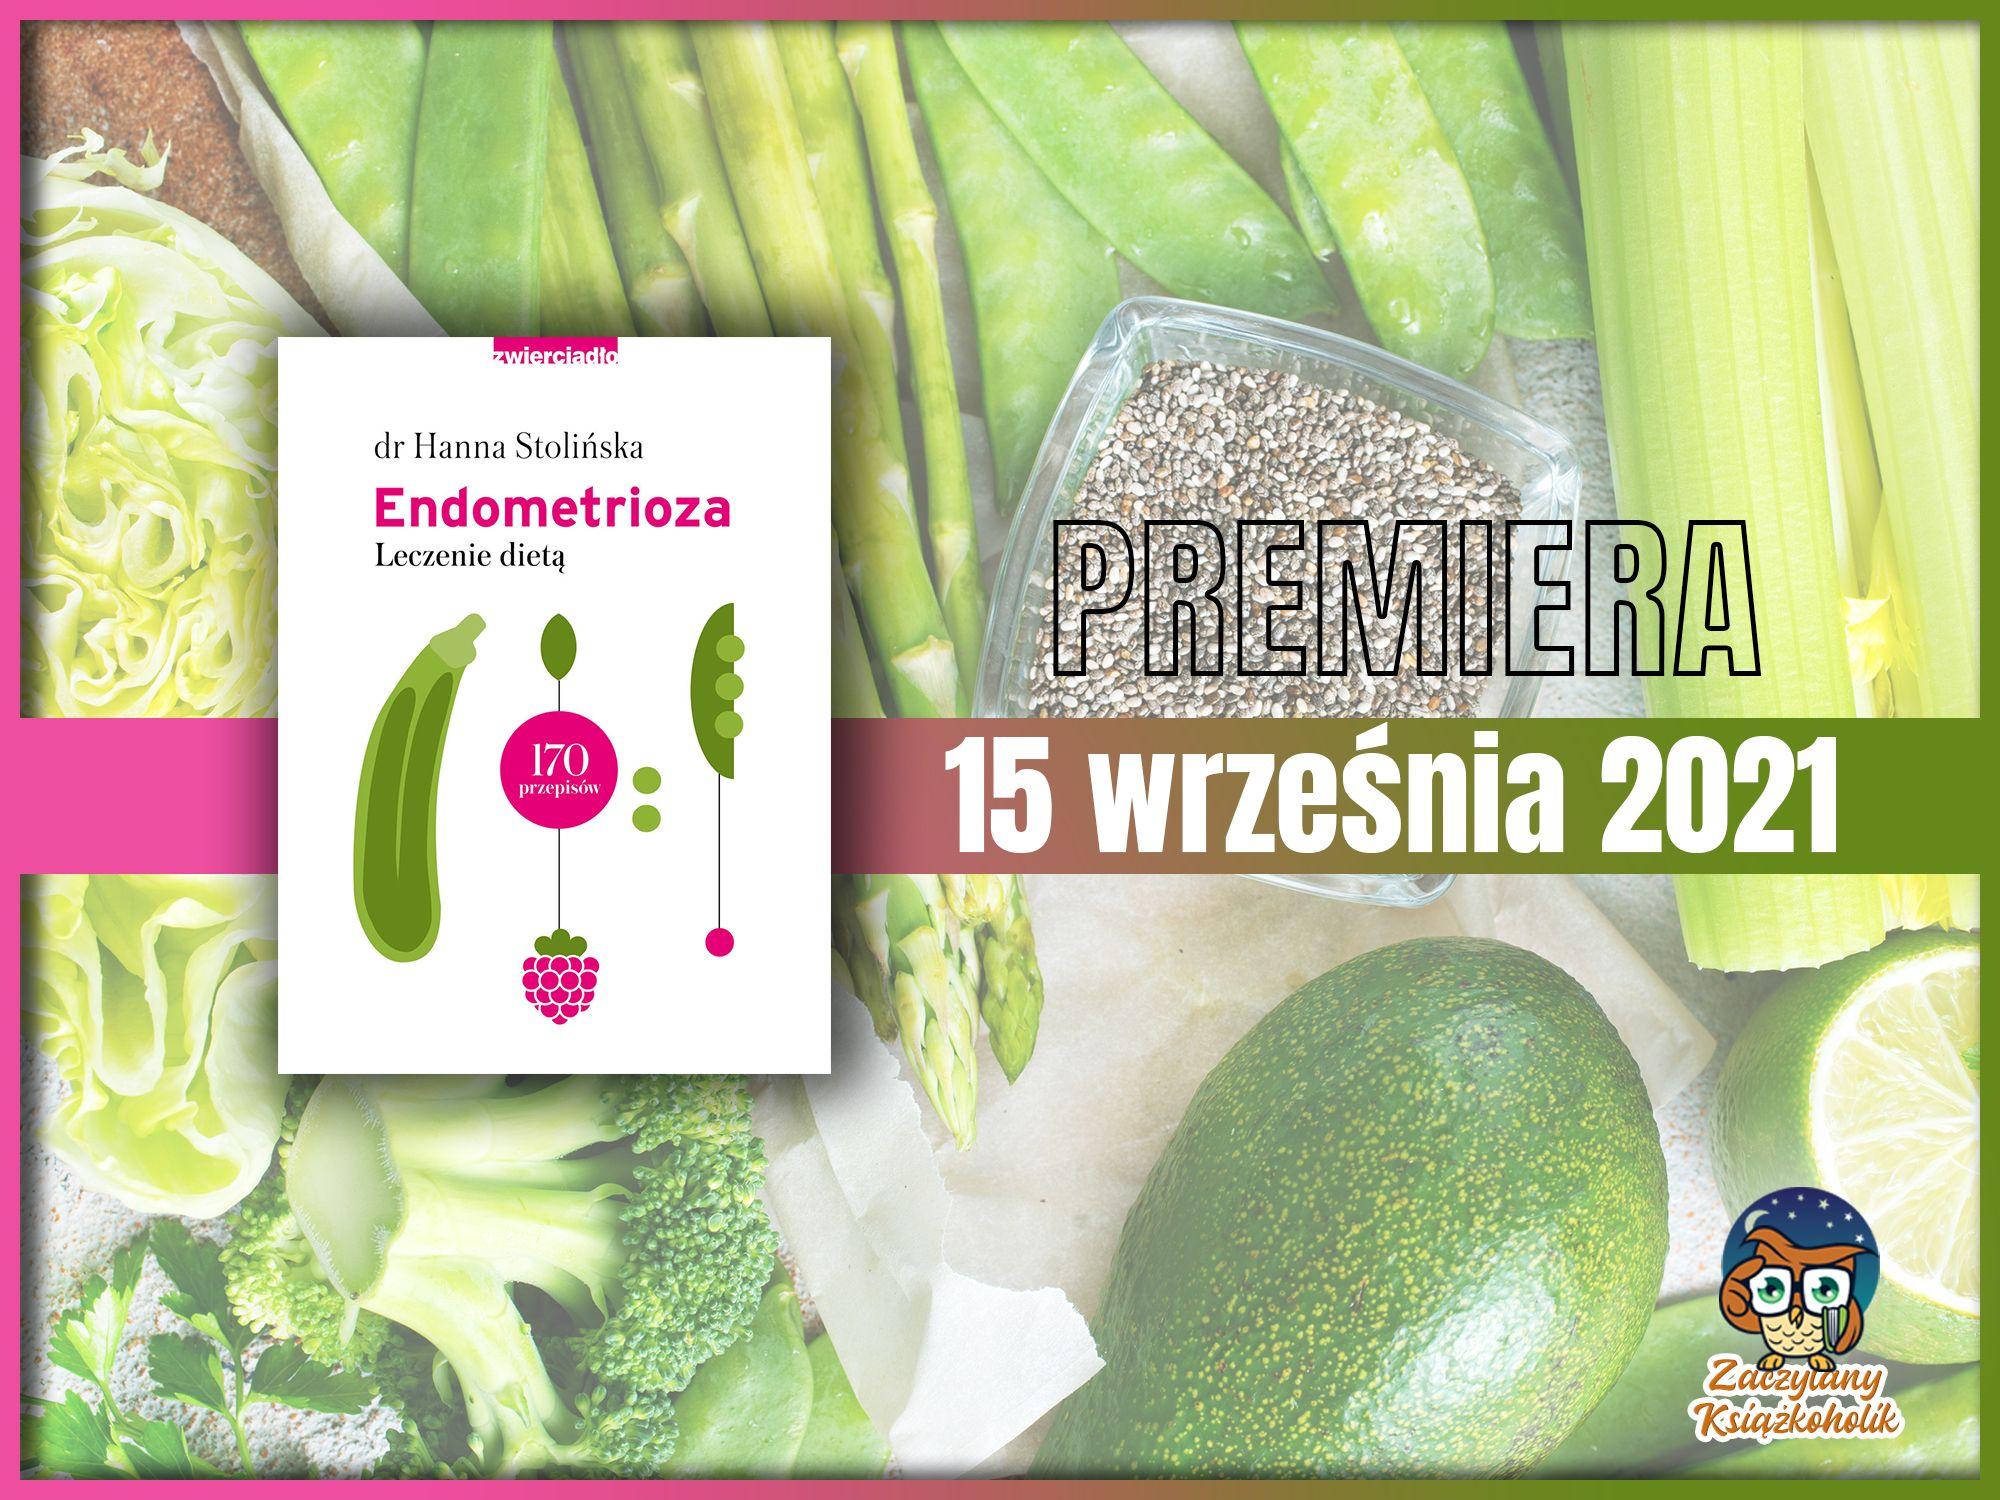 Endometrioza. Leczenie dietą, Hanna Stolińska-Fiedorowicz, zaczytanyksiazkoholik.pl